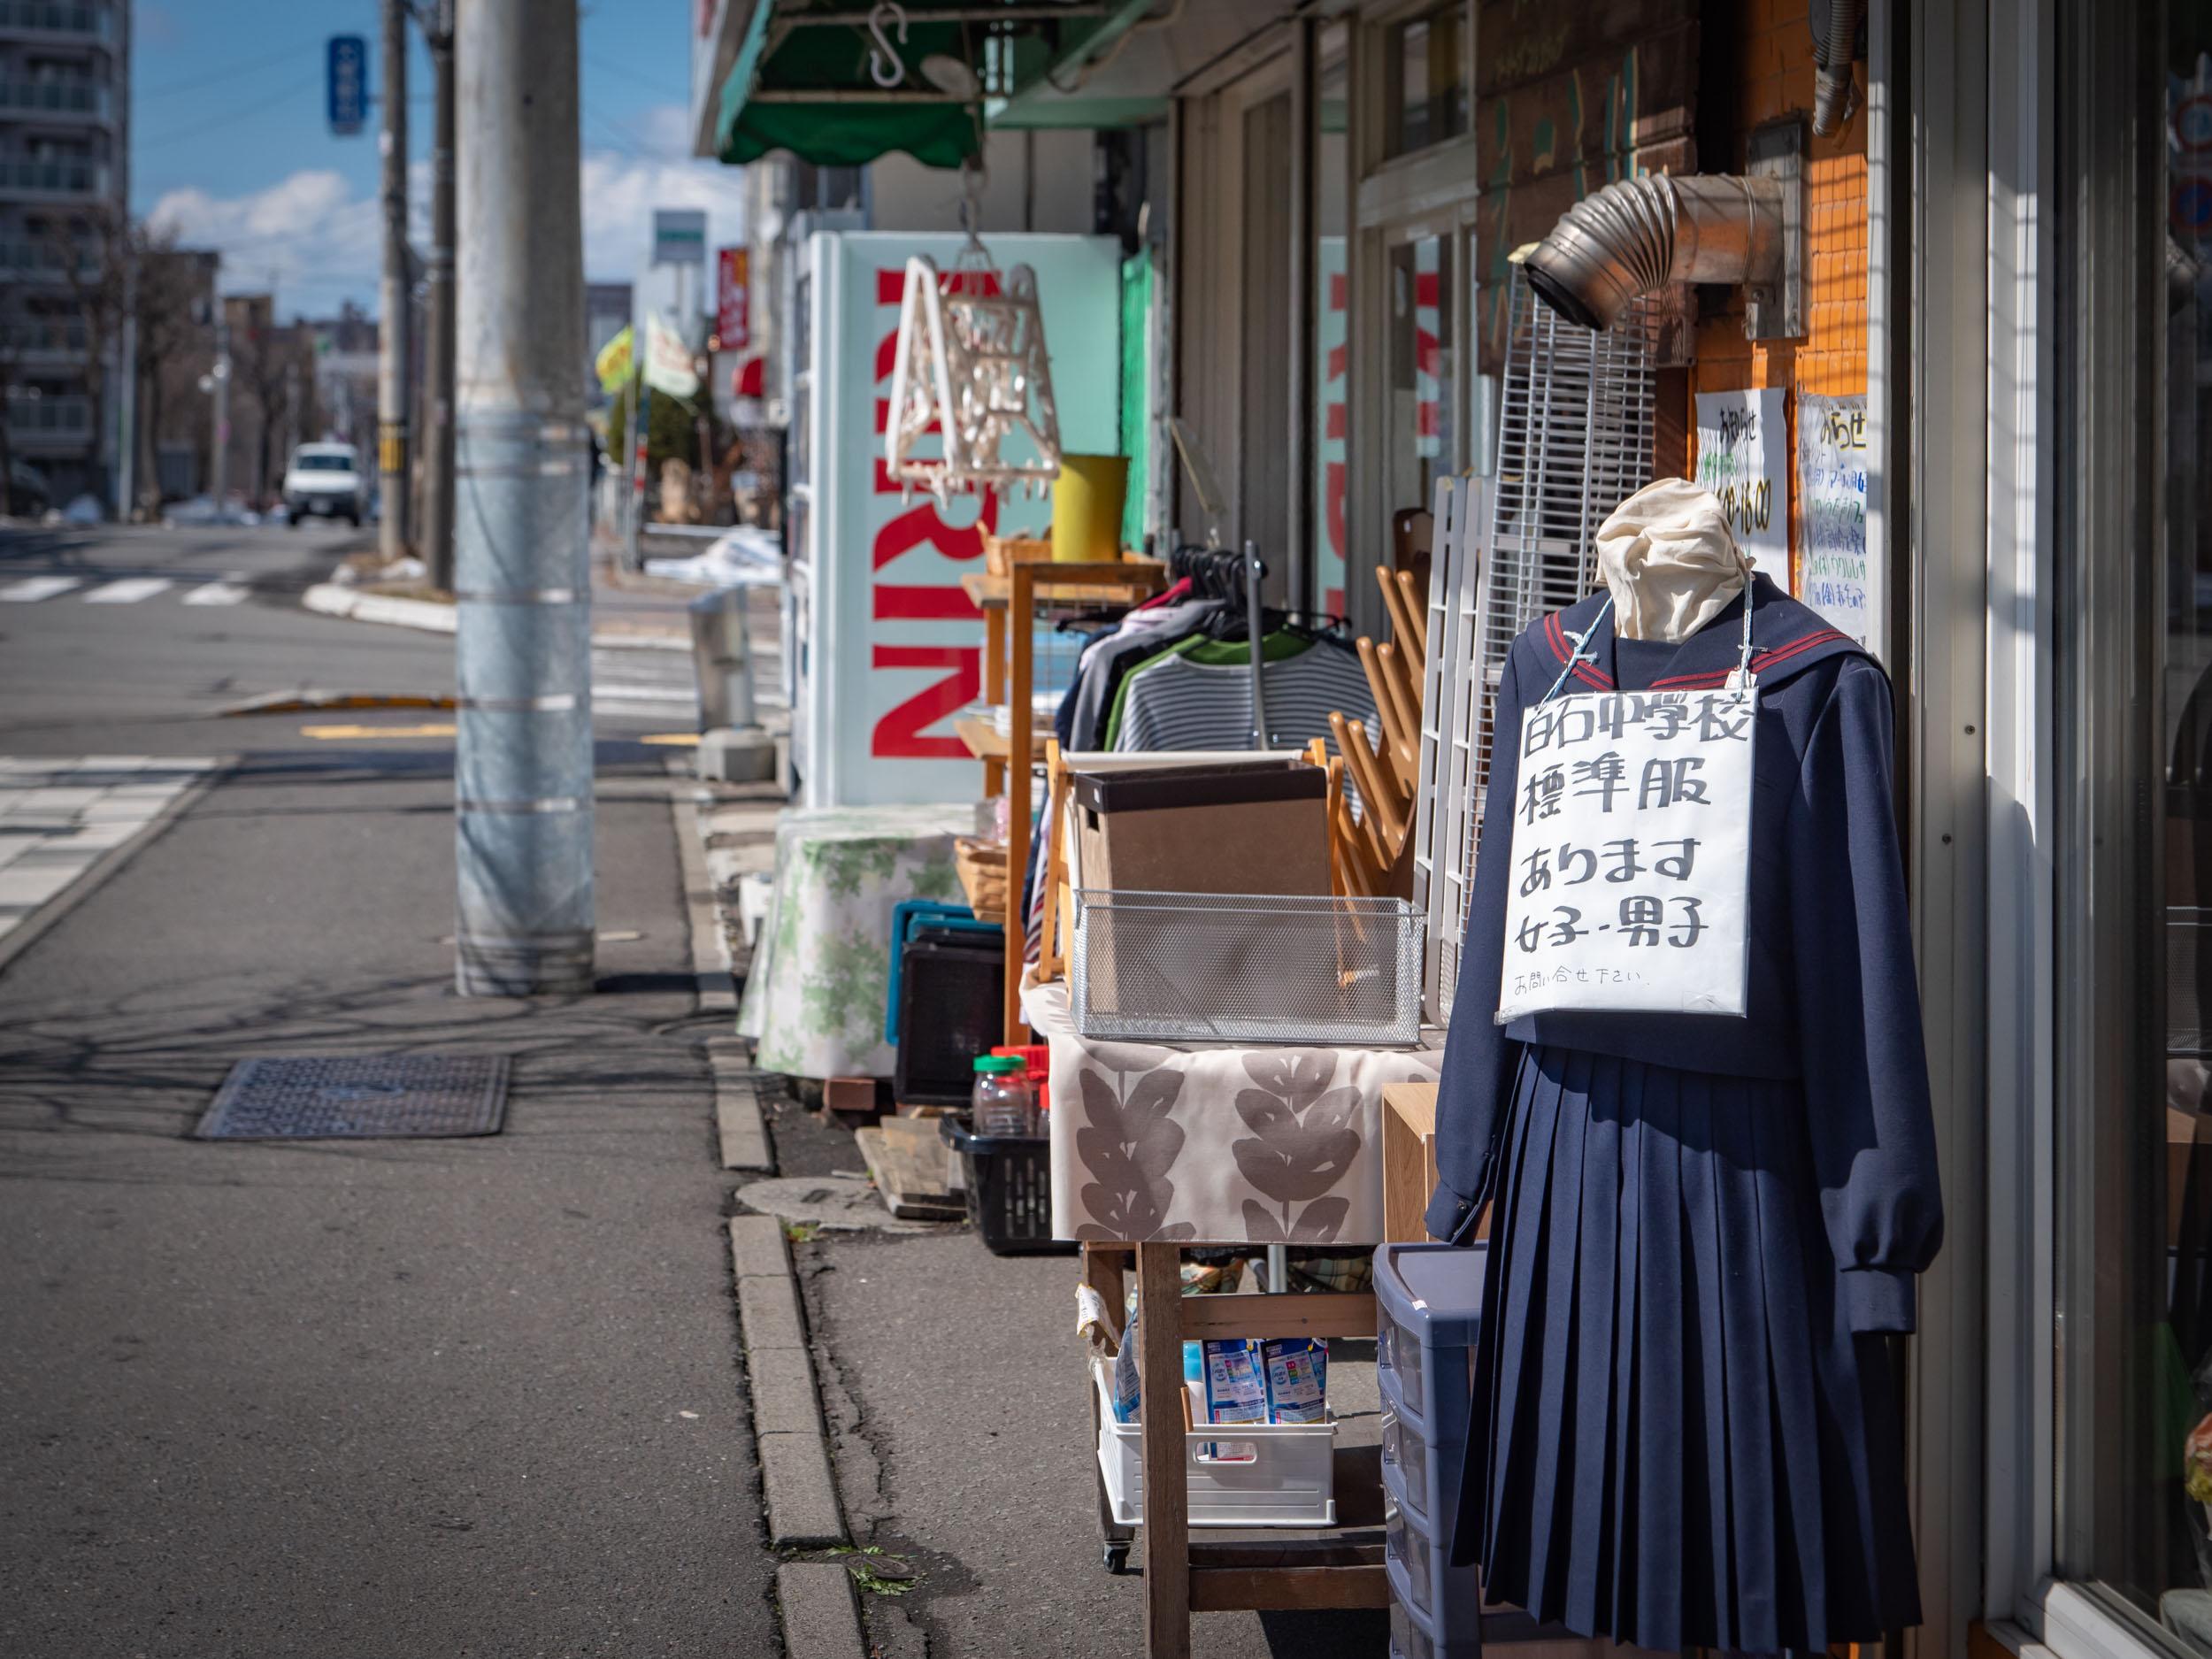 札幌市白石区1 本郷通のリサイクルショップ「えこふりぃ」 DMC-GX8 + LEICA DG 12-60mm